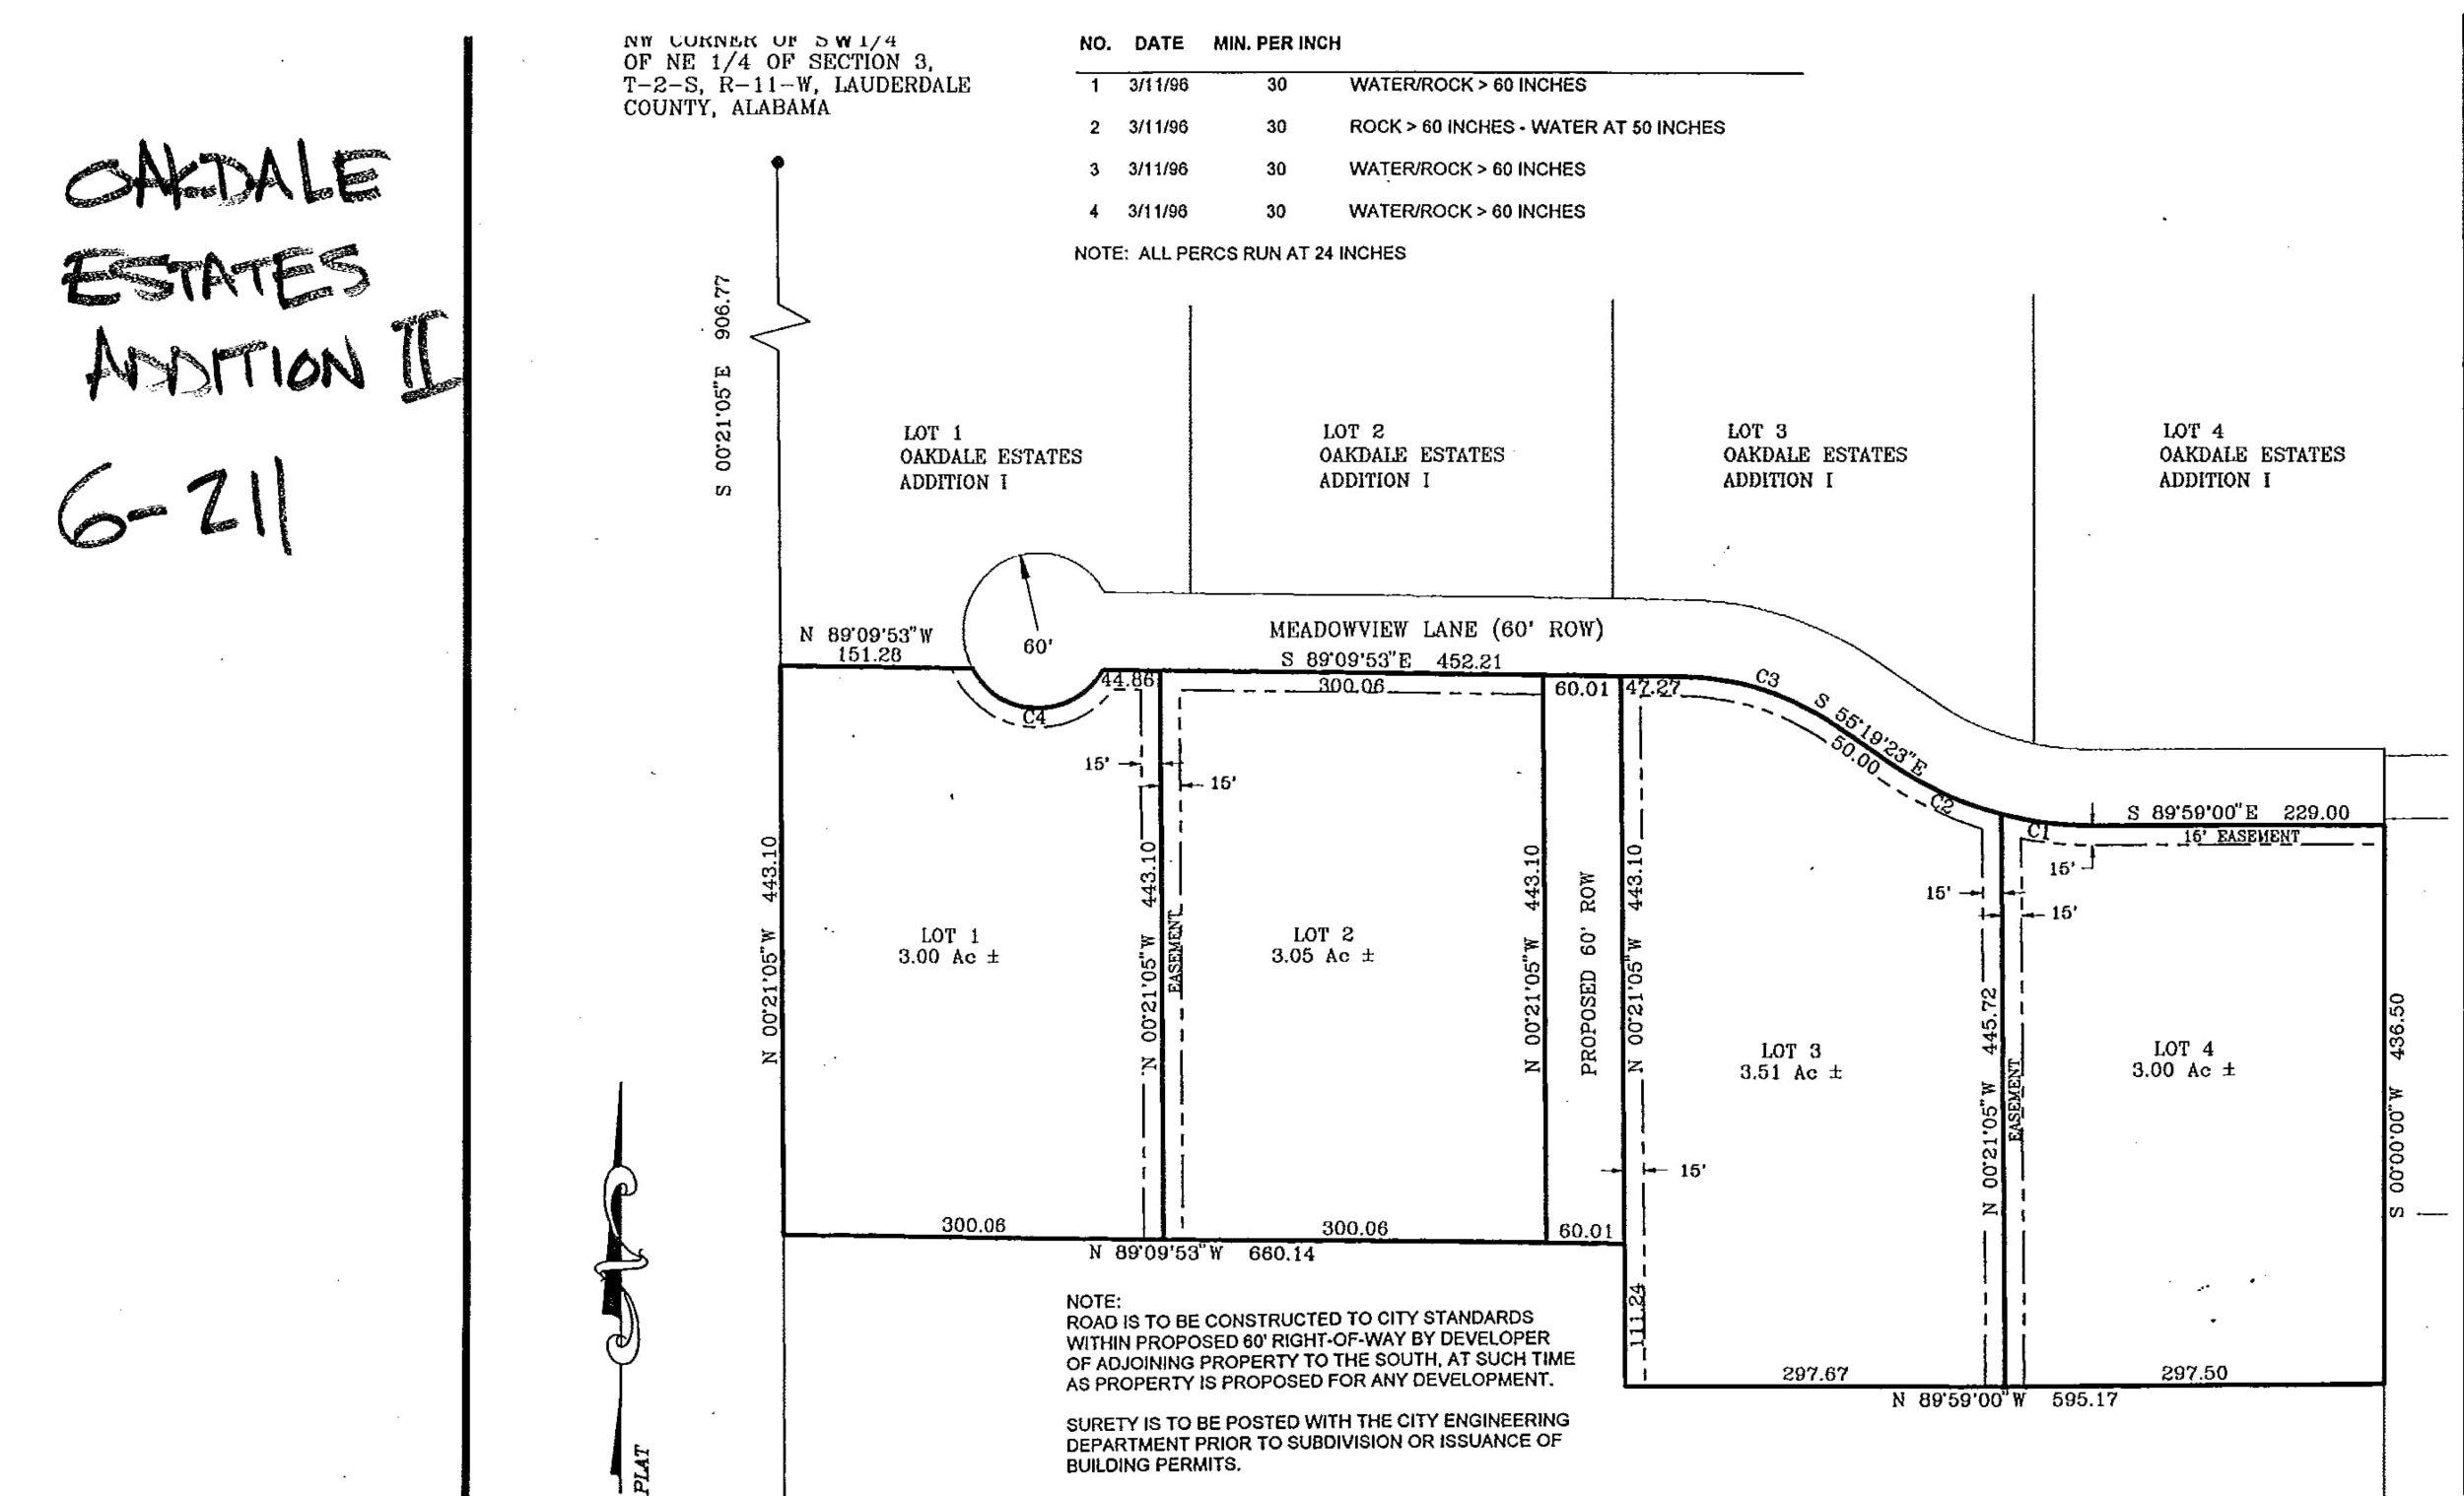 Plat-Oakdale-Estates-Addition-No-2-1.jpg